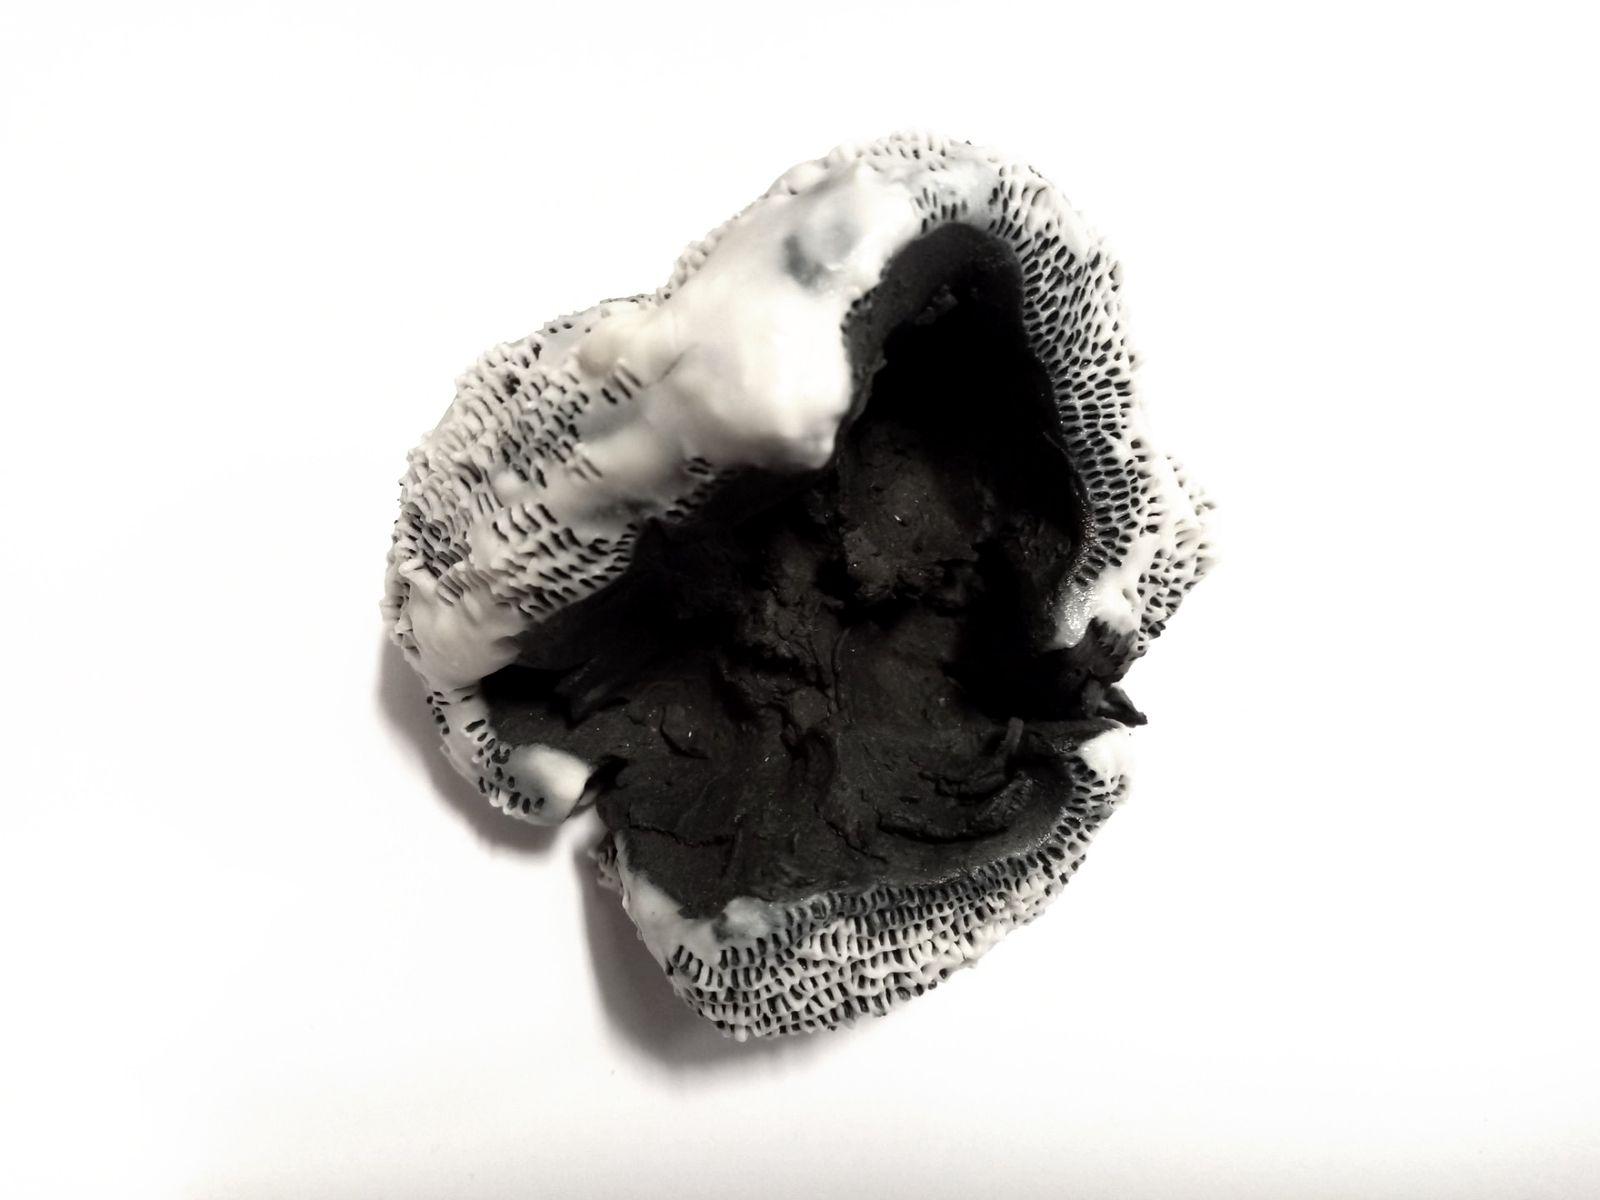 Anaïs Lelièvre, Coquilles, 2018-2019, série, porcelaine noire et blanche,  4,5 x 8,5 x 3,5 cm, crédit photo : Espace Art absolument